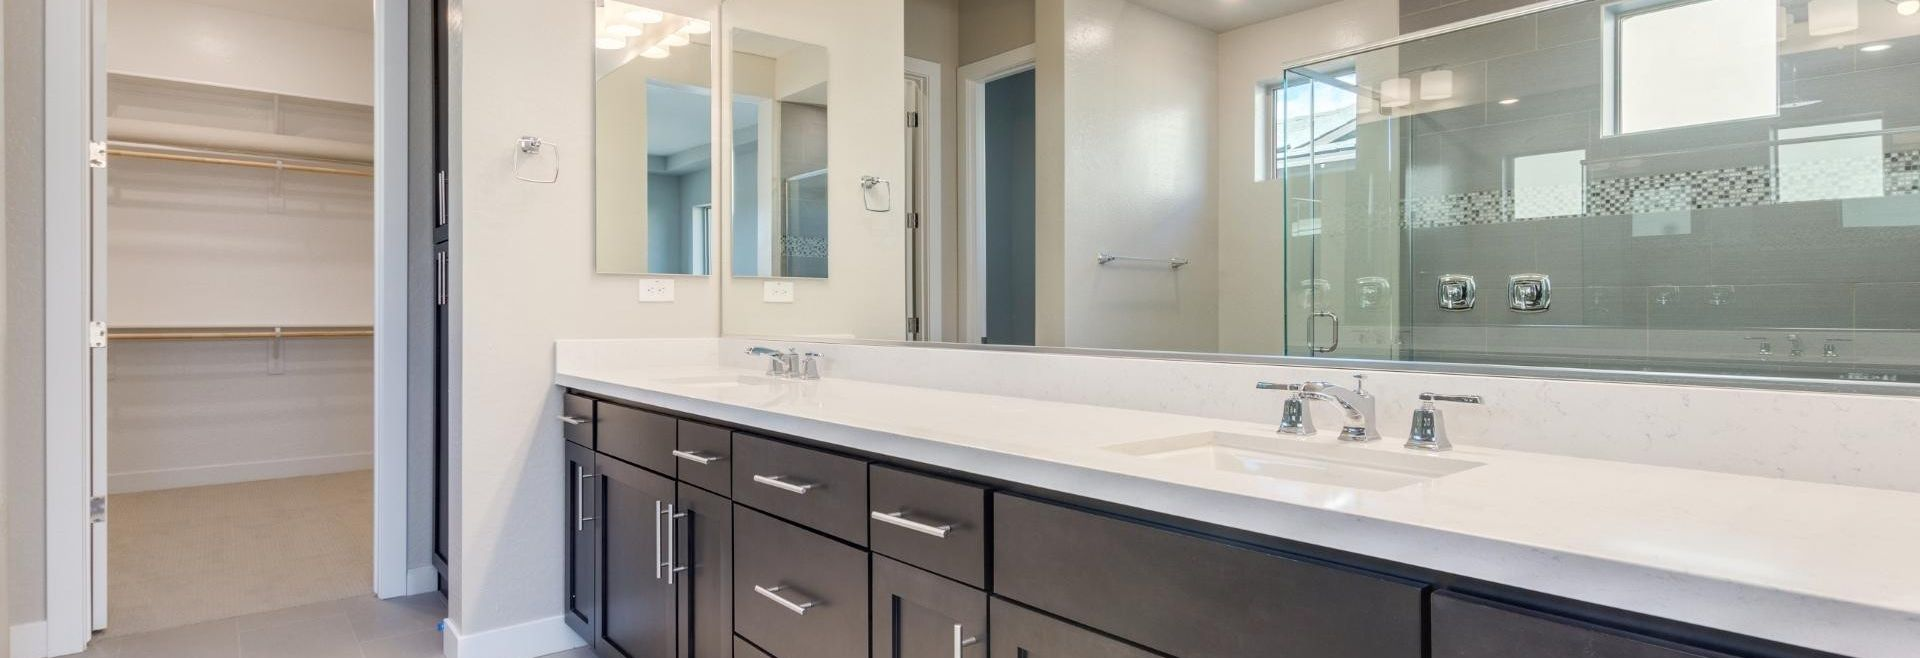 Evolve Homesite 7 Master Bath